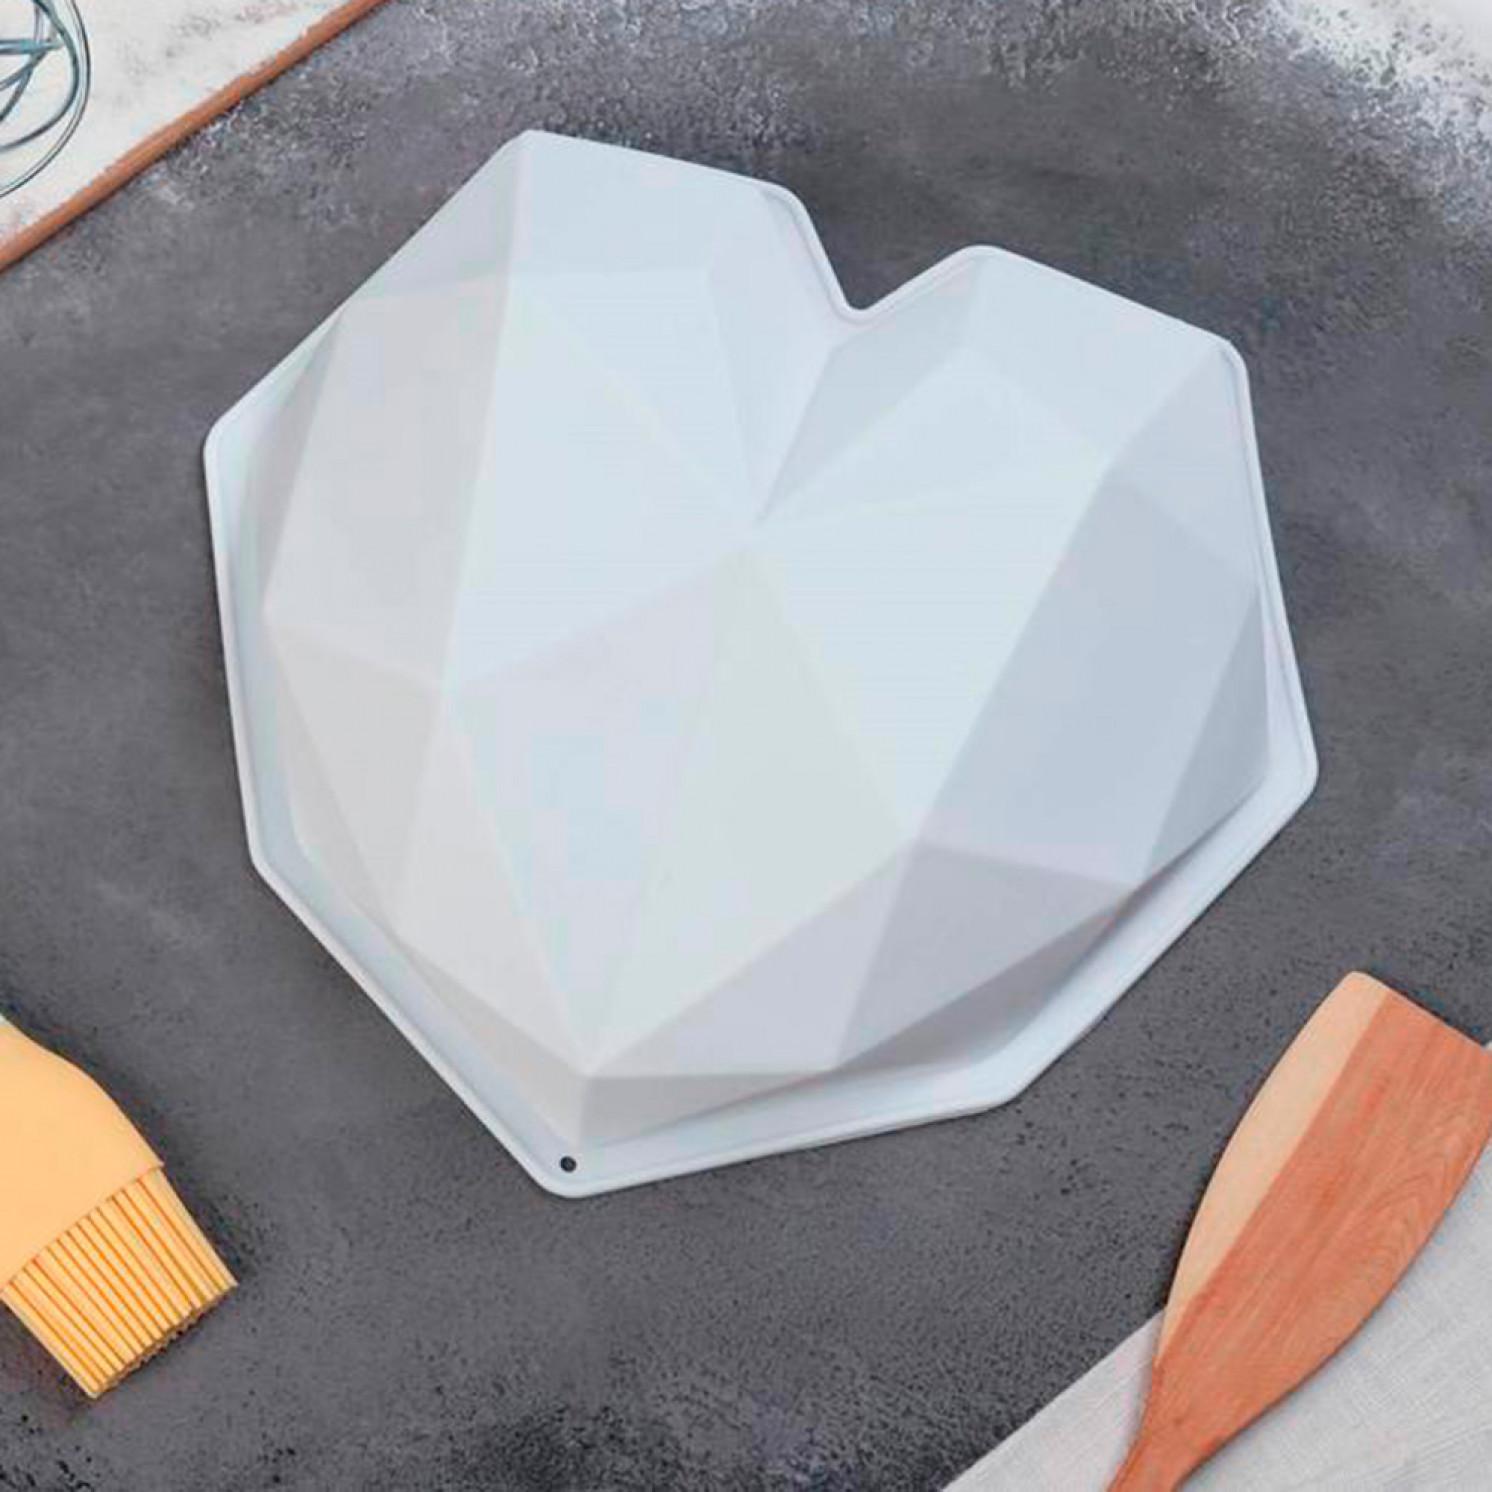 Форма для муссовых десертов и выпечки «Геометрия любви», 21,5×20 см, цвет белый